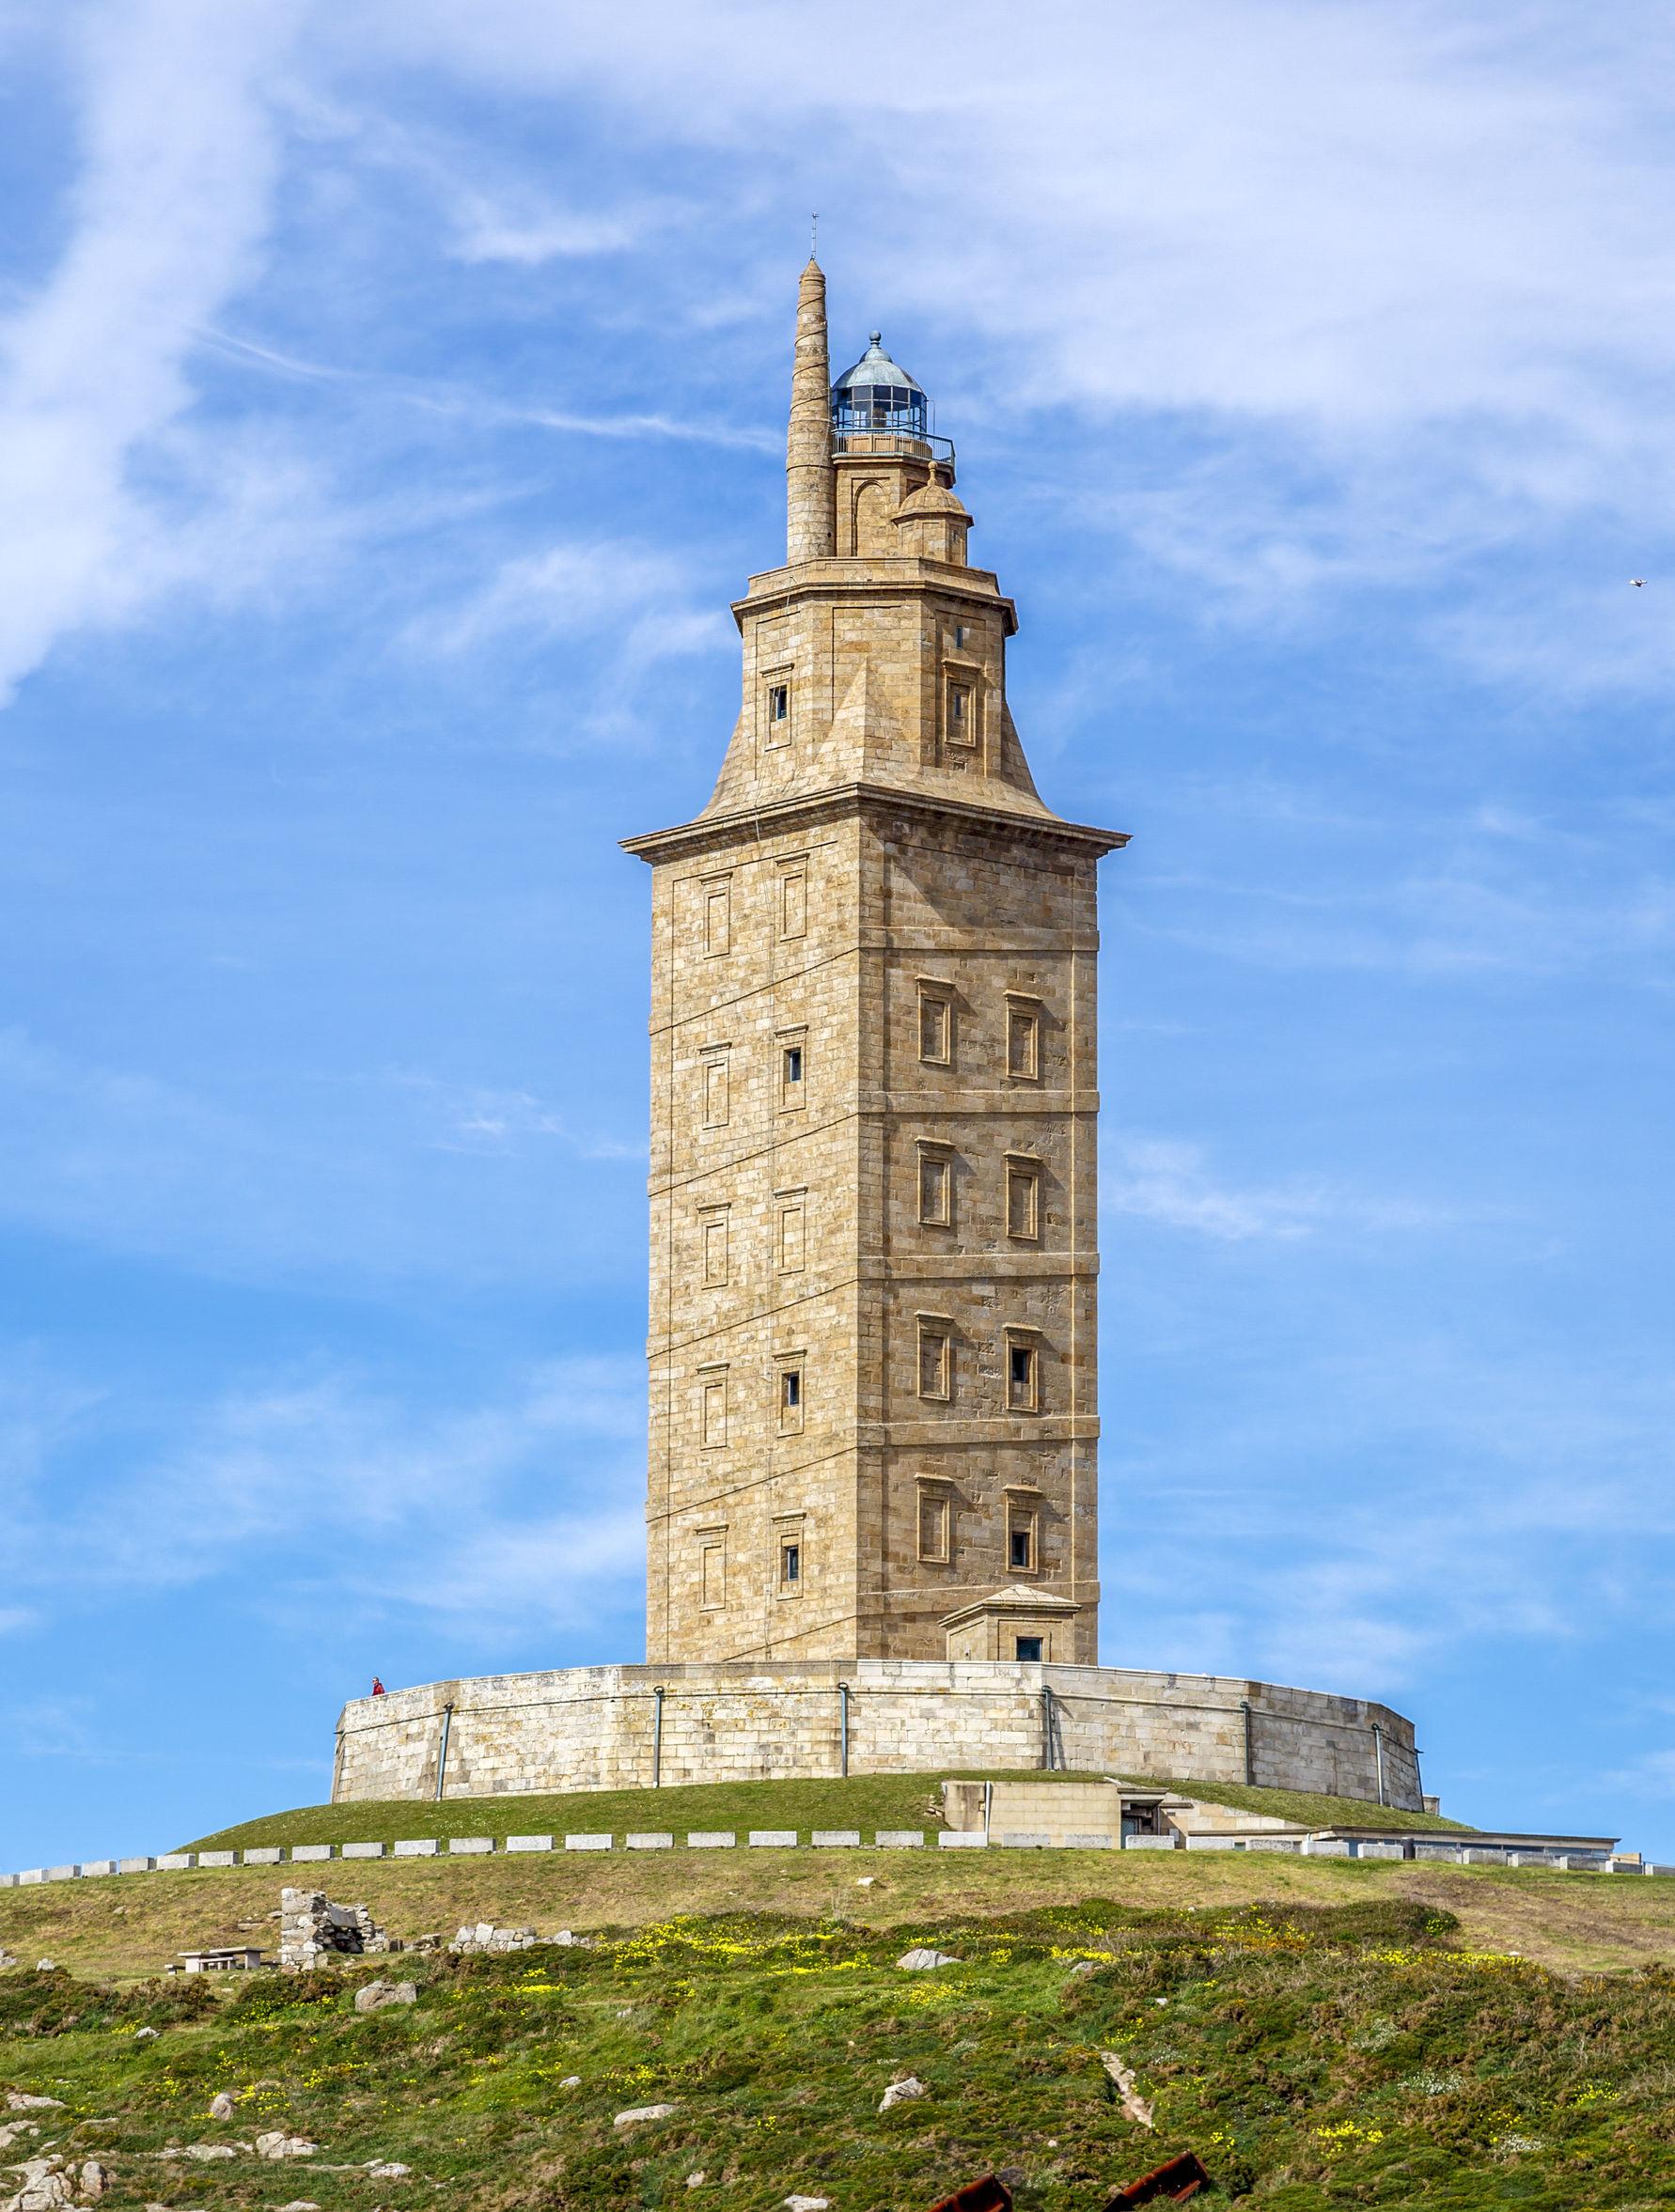 北スペインの観光スポットであるガリシアのヘラクレスの塔